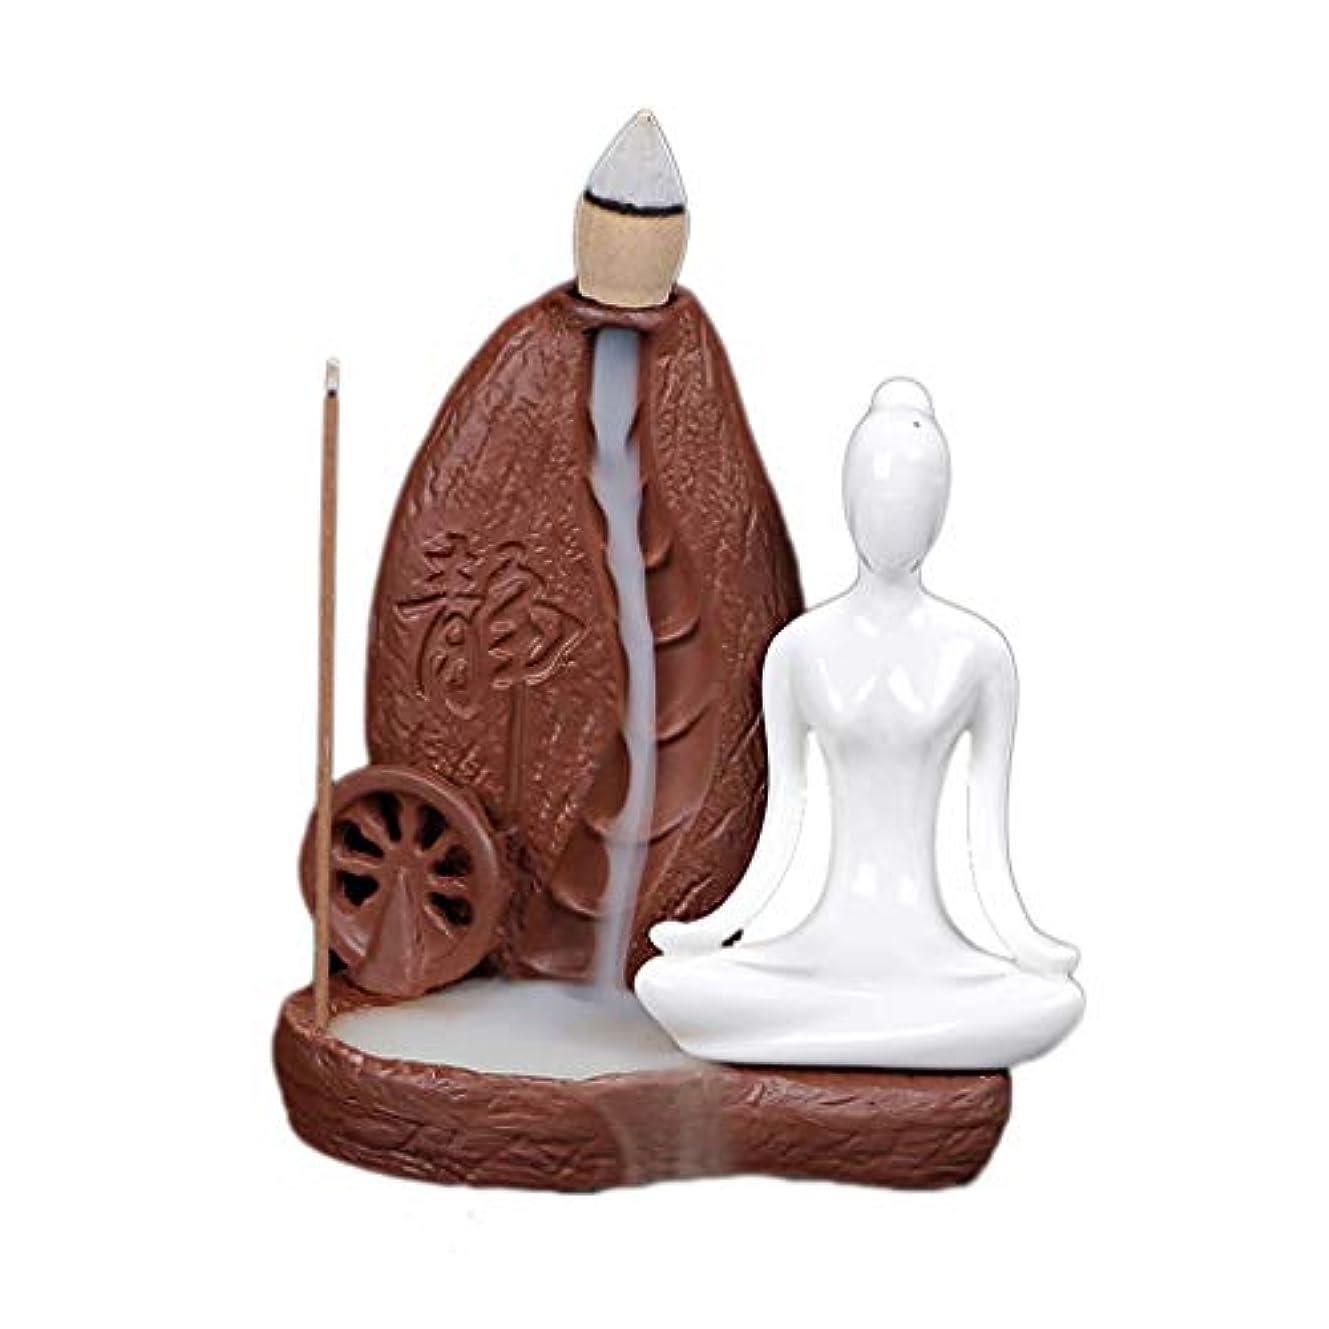 まだヒューム約クリエイティブセラミック香バーナー逆流香コーンバーナーホルダーホームフレグランスの装飾ヨガの女の子香炉香ホルダー (Color : Brown, サイズ : 3.77*2.75*3.93 inches)